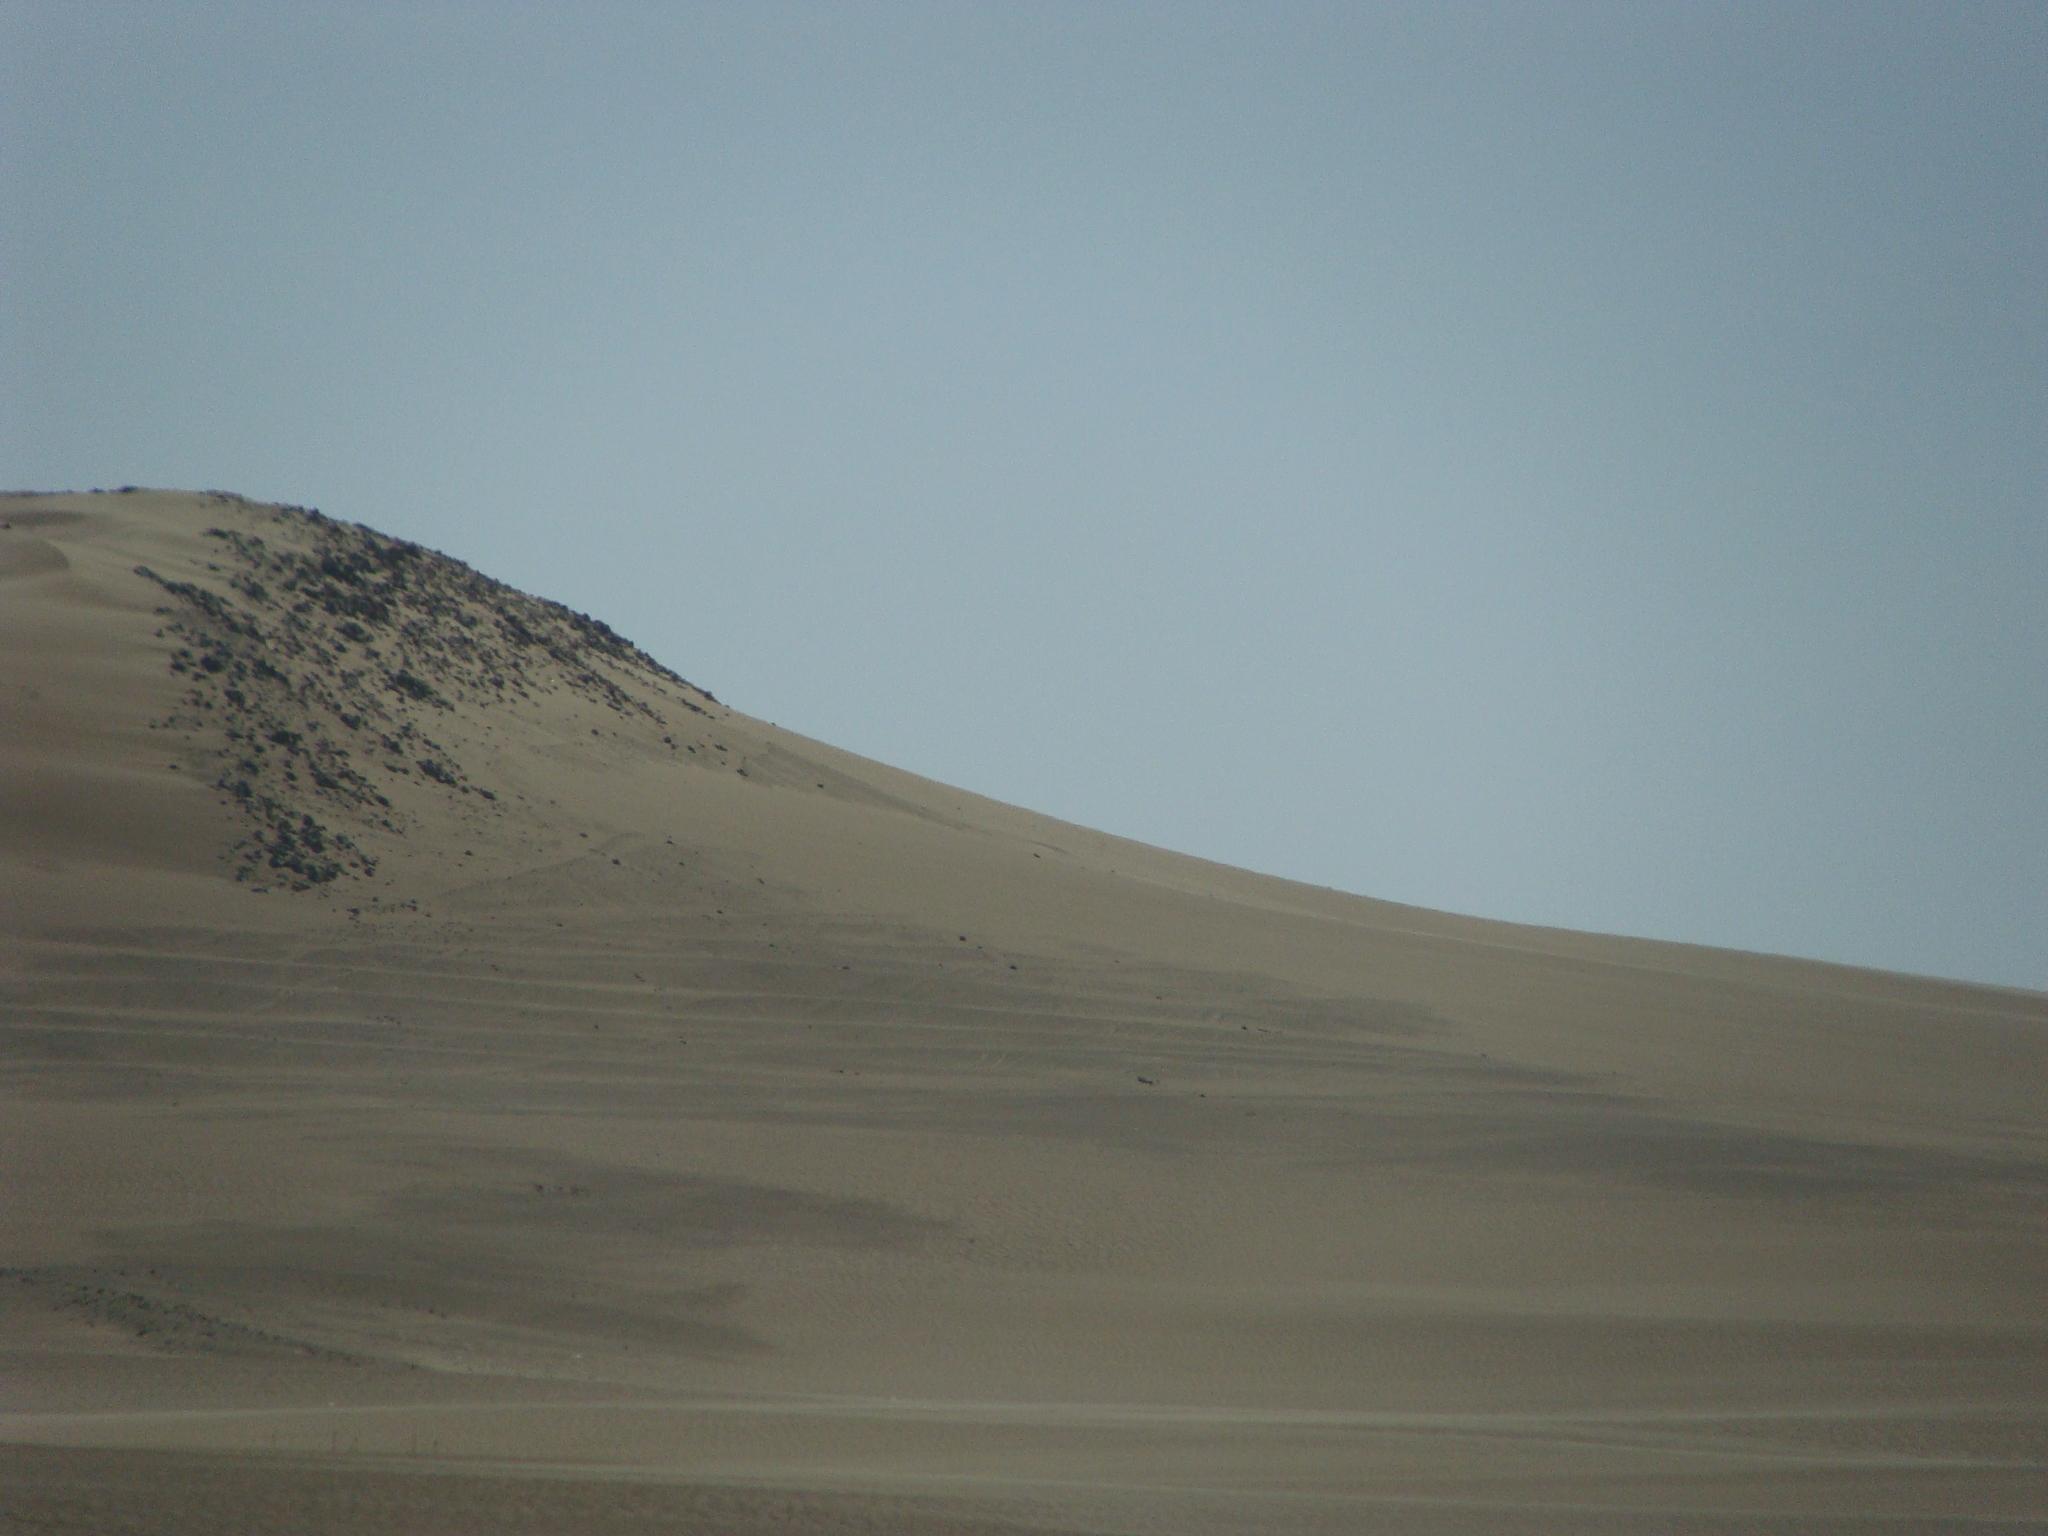 Ica - písečné duny - biotop 21. 2. 2011 15:21